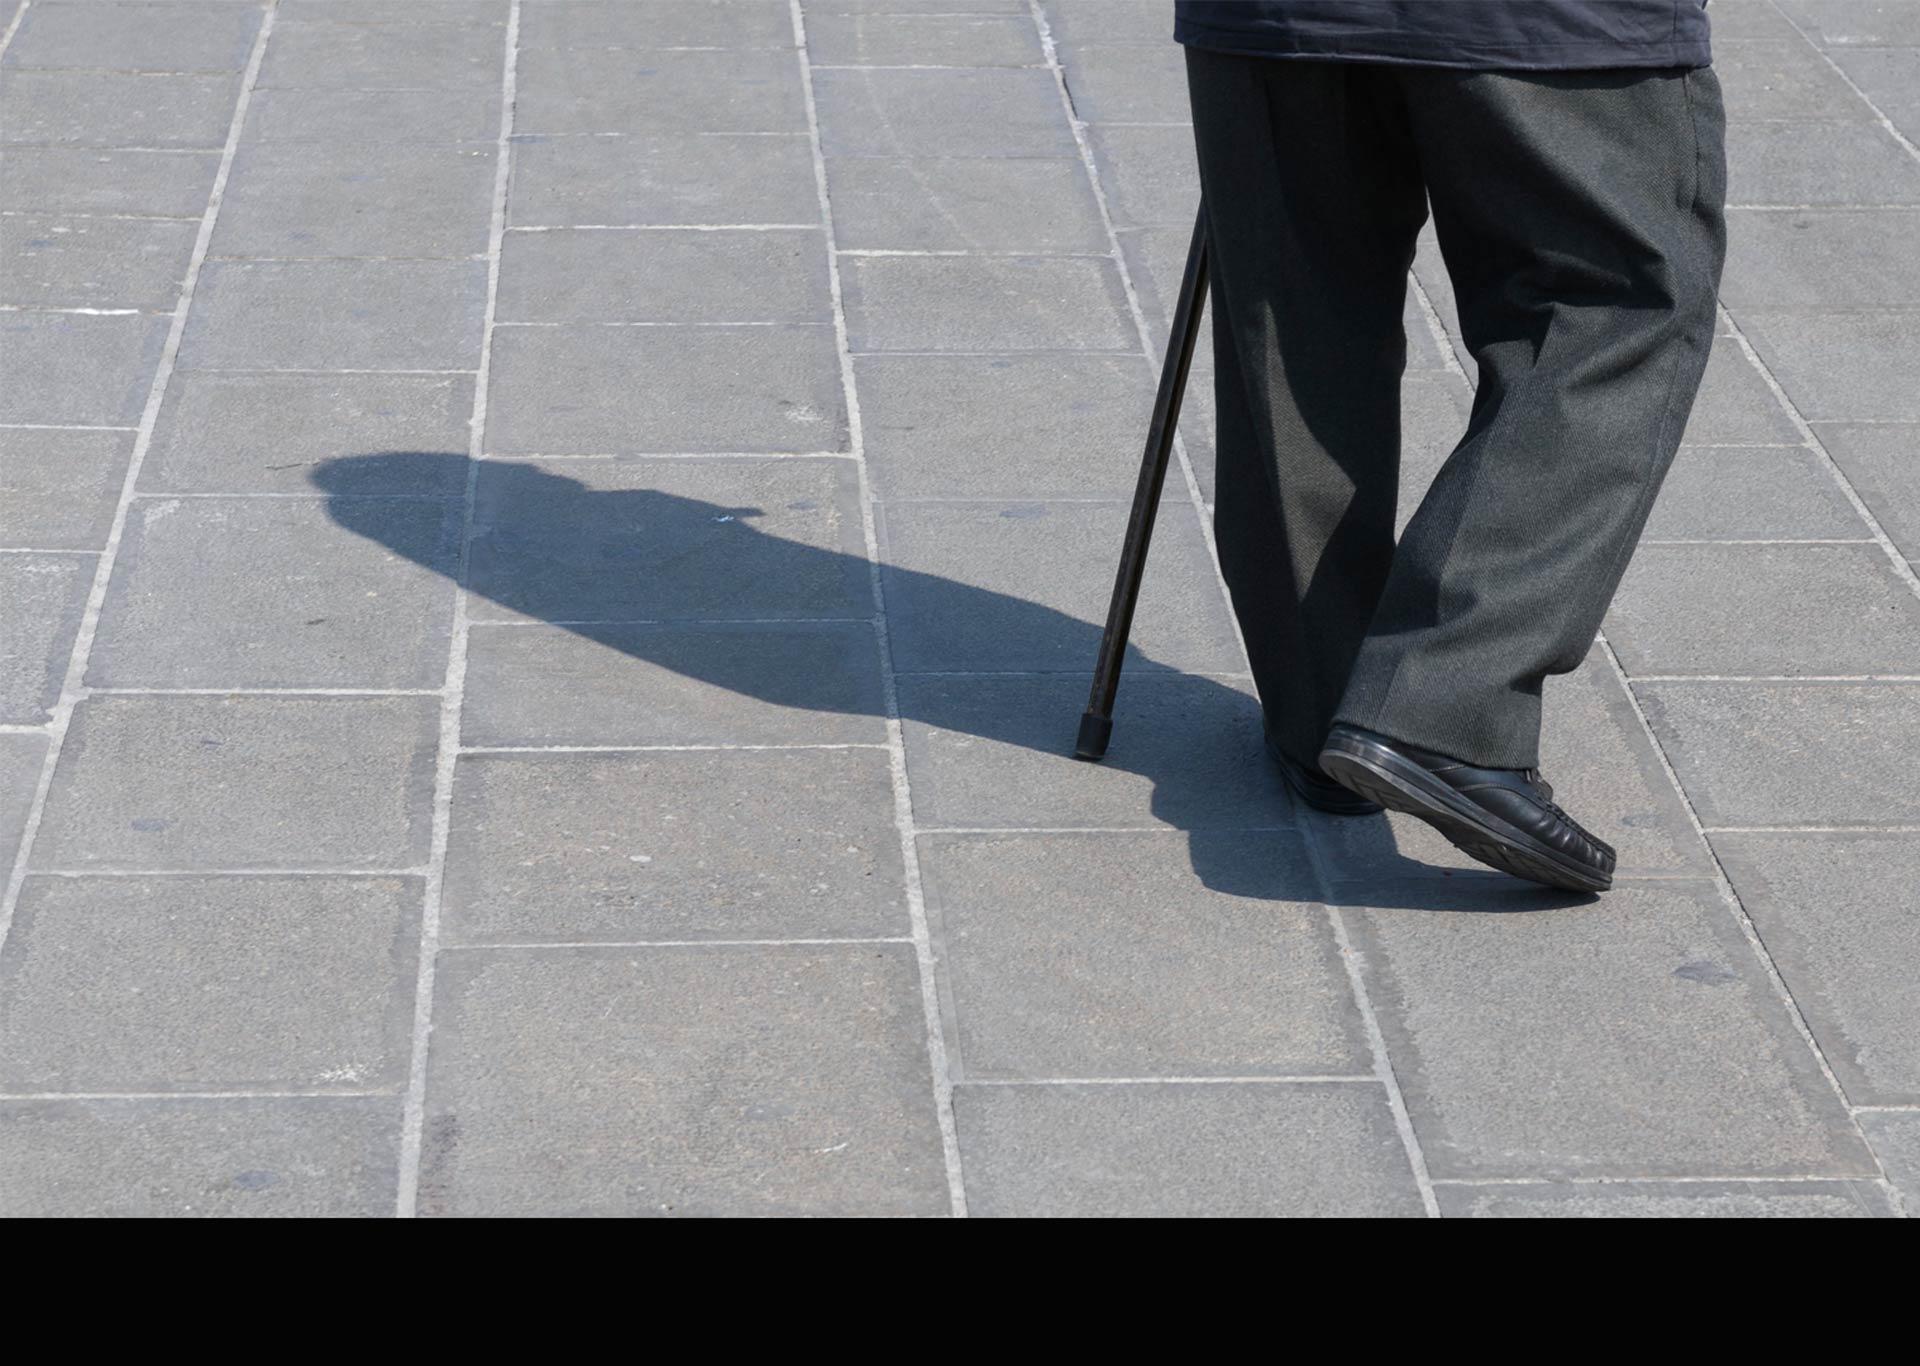 En Japón crearon un calzado con GPS incorporado para ayudar a localizar a personas mayores con demencia o Alzheimer